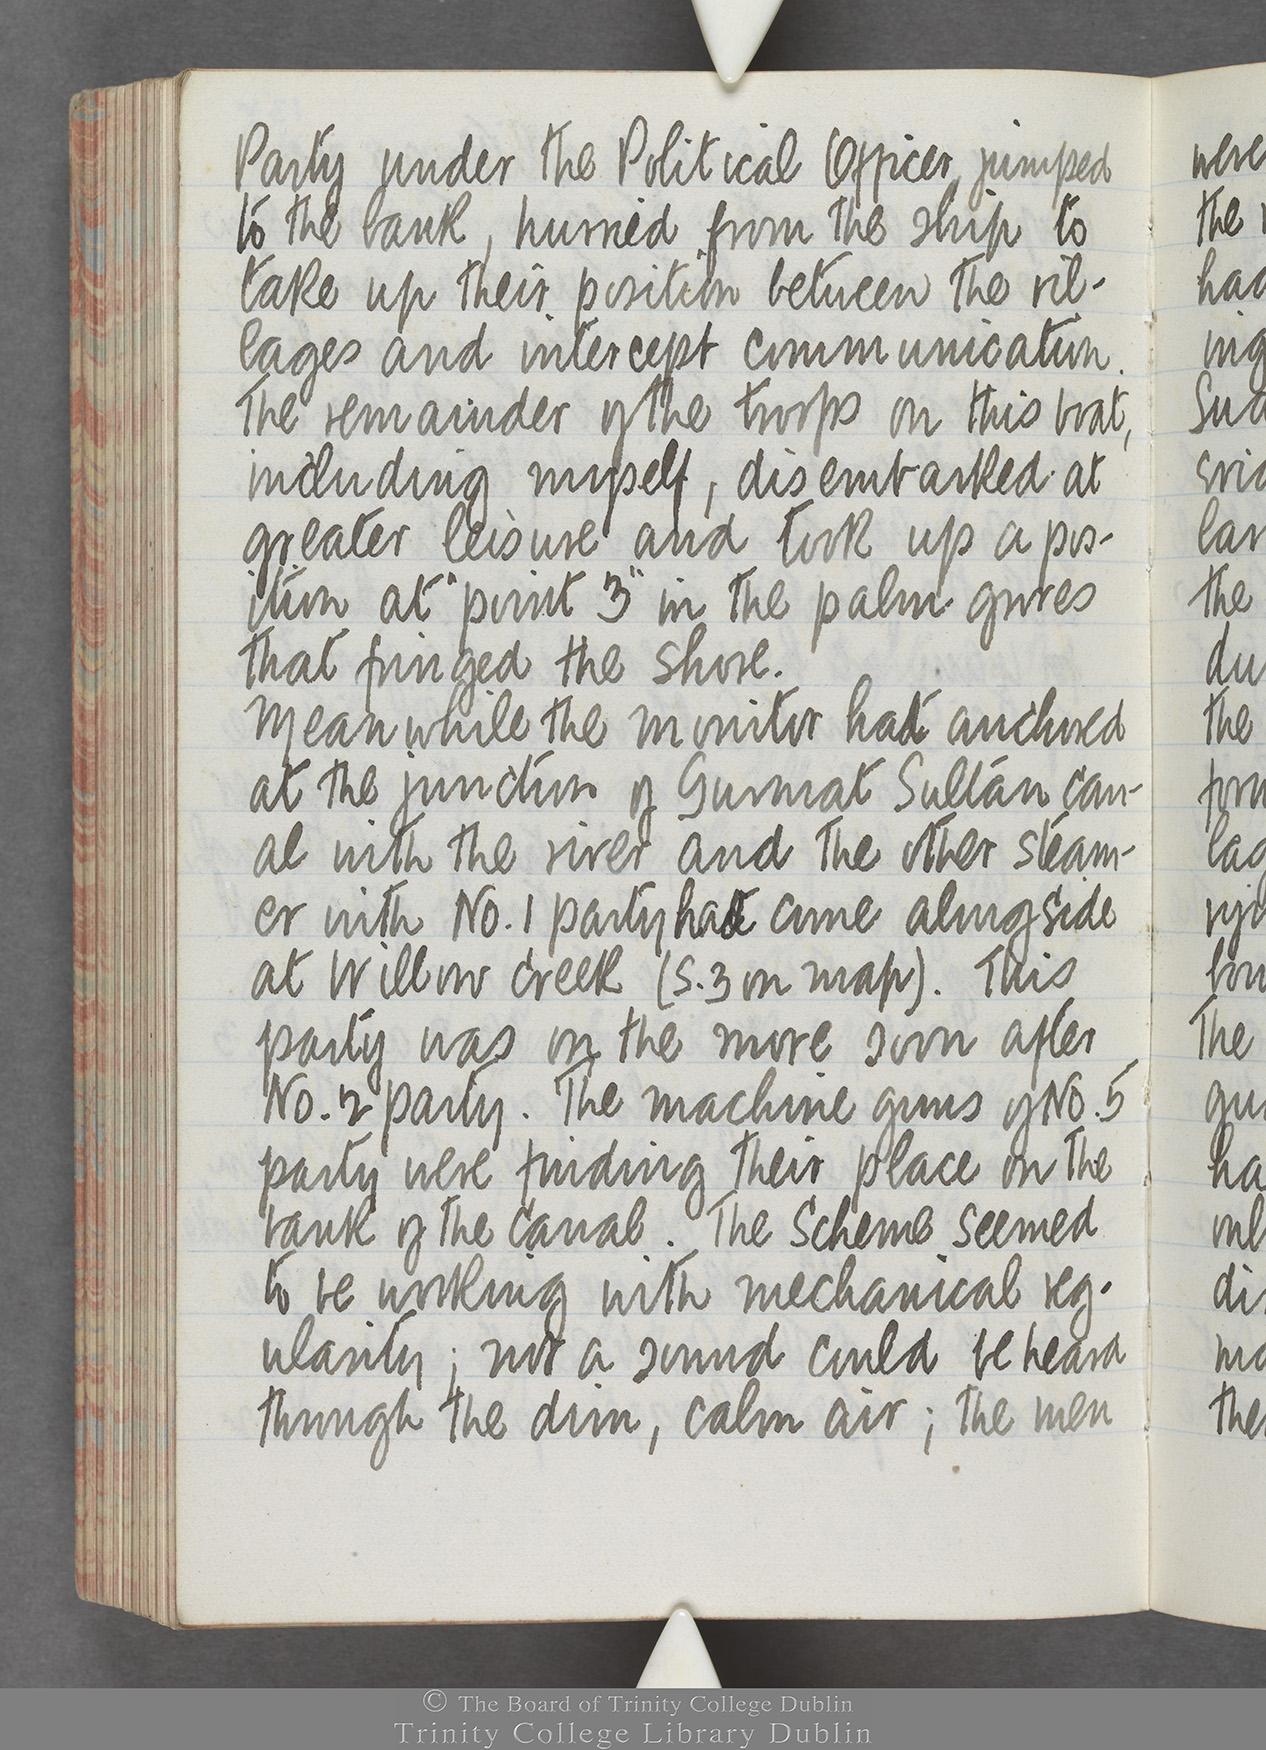 TCD MS 10515 folio 136 verso